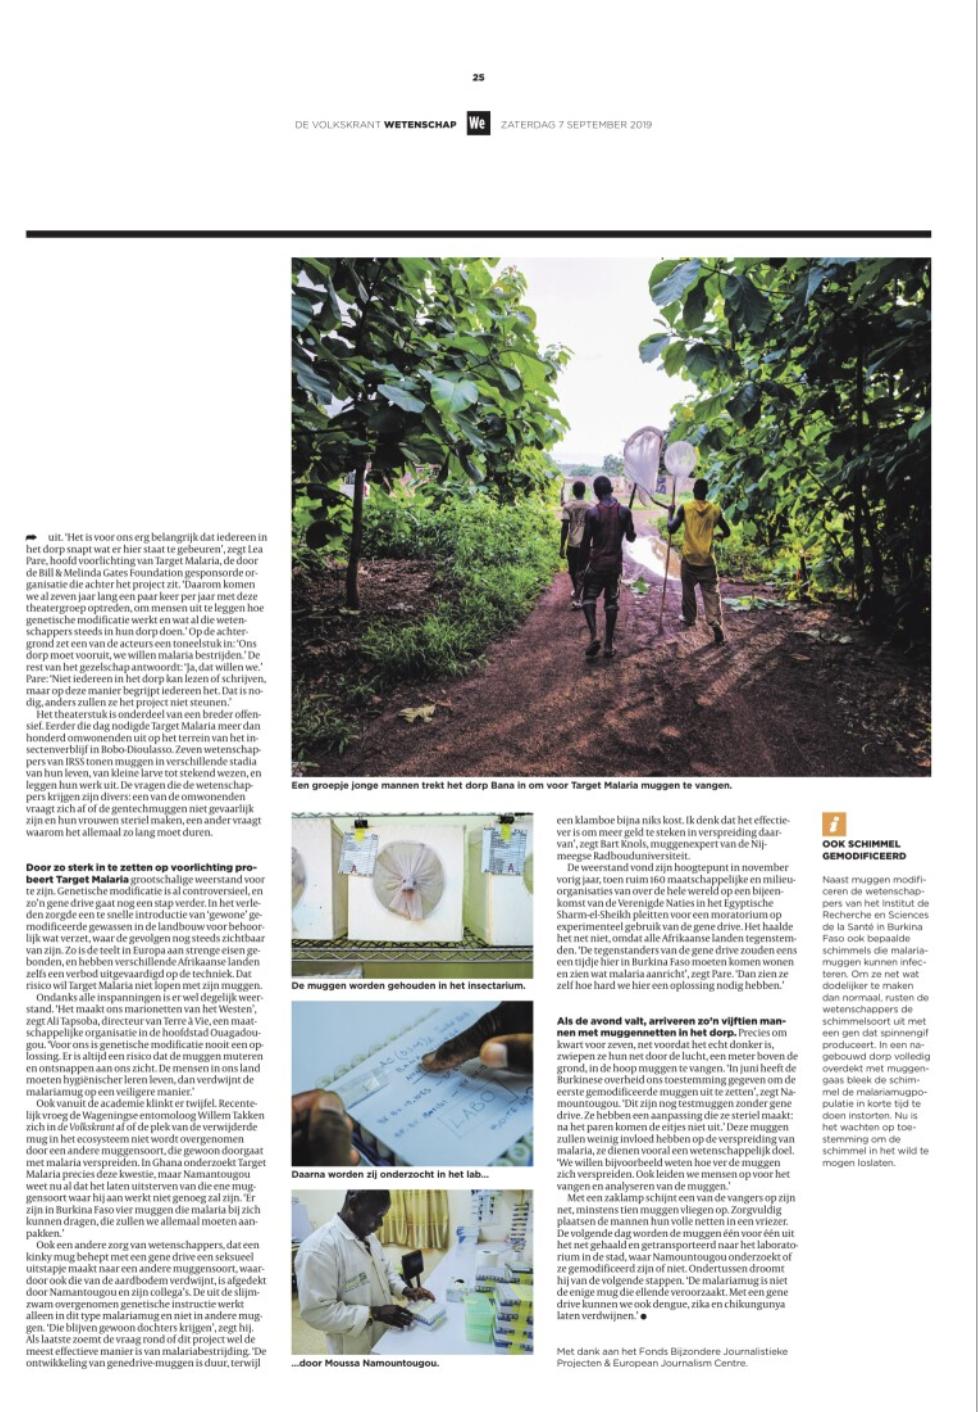 De Volkskrant Africa Afrika story verhaal malaria Burkina Faso by Joost Bastmeijer2.png